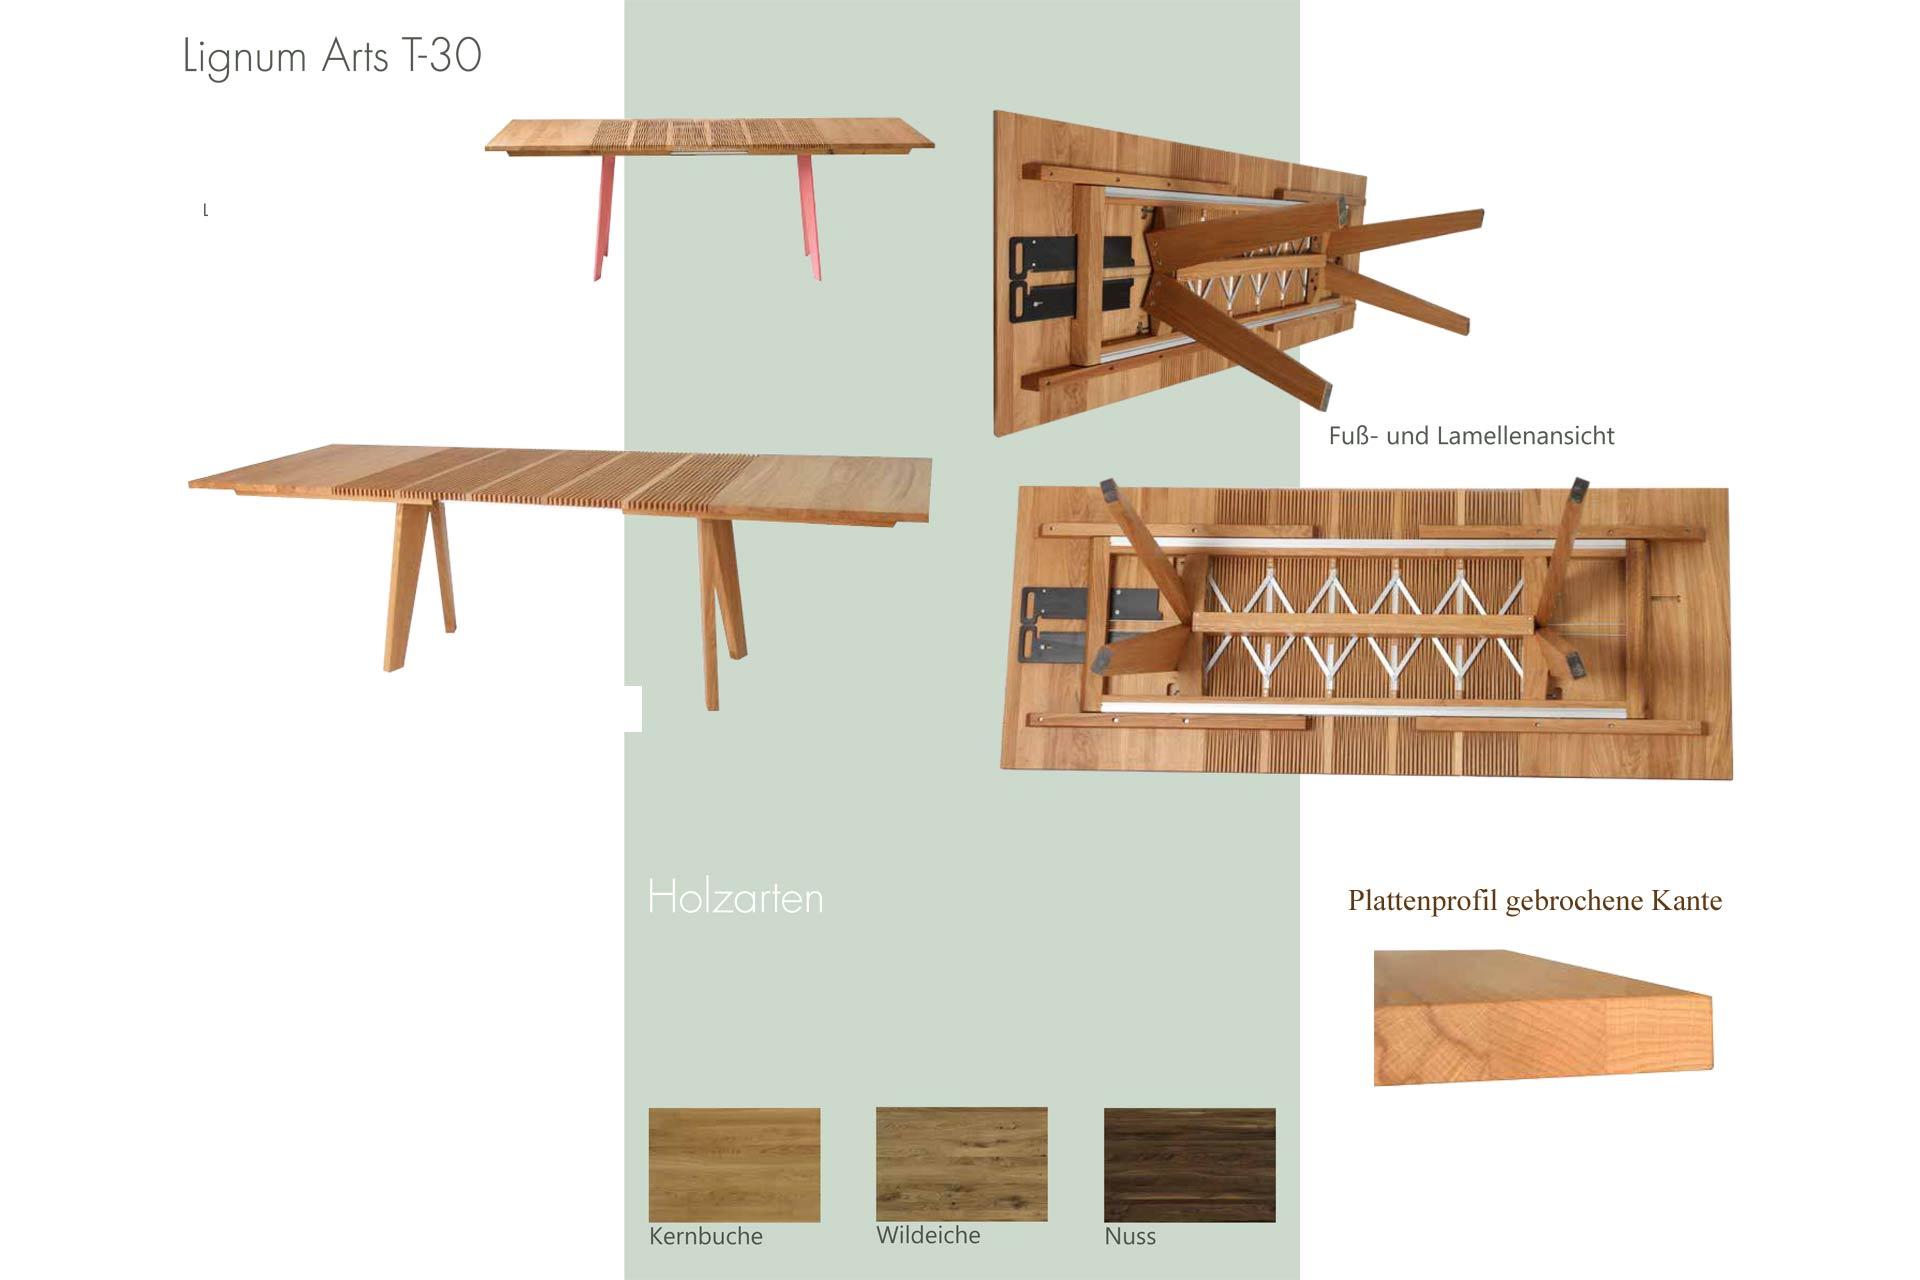 Details zu Tisch Lignum Arts T-30